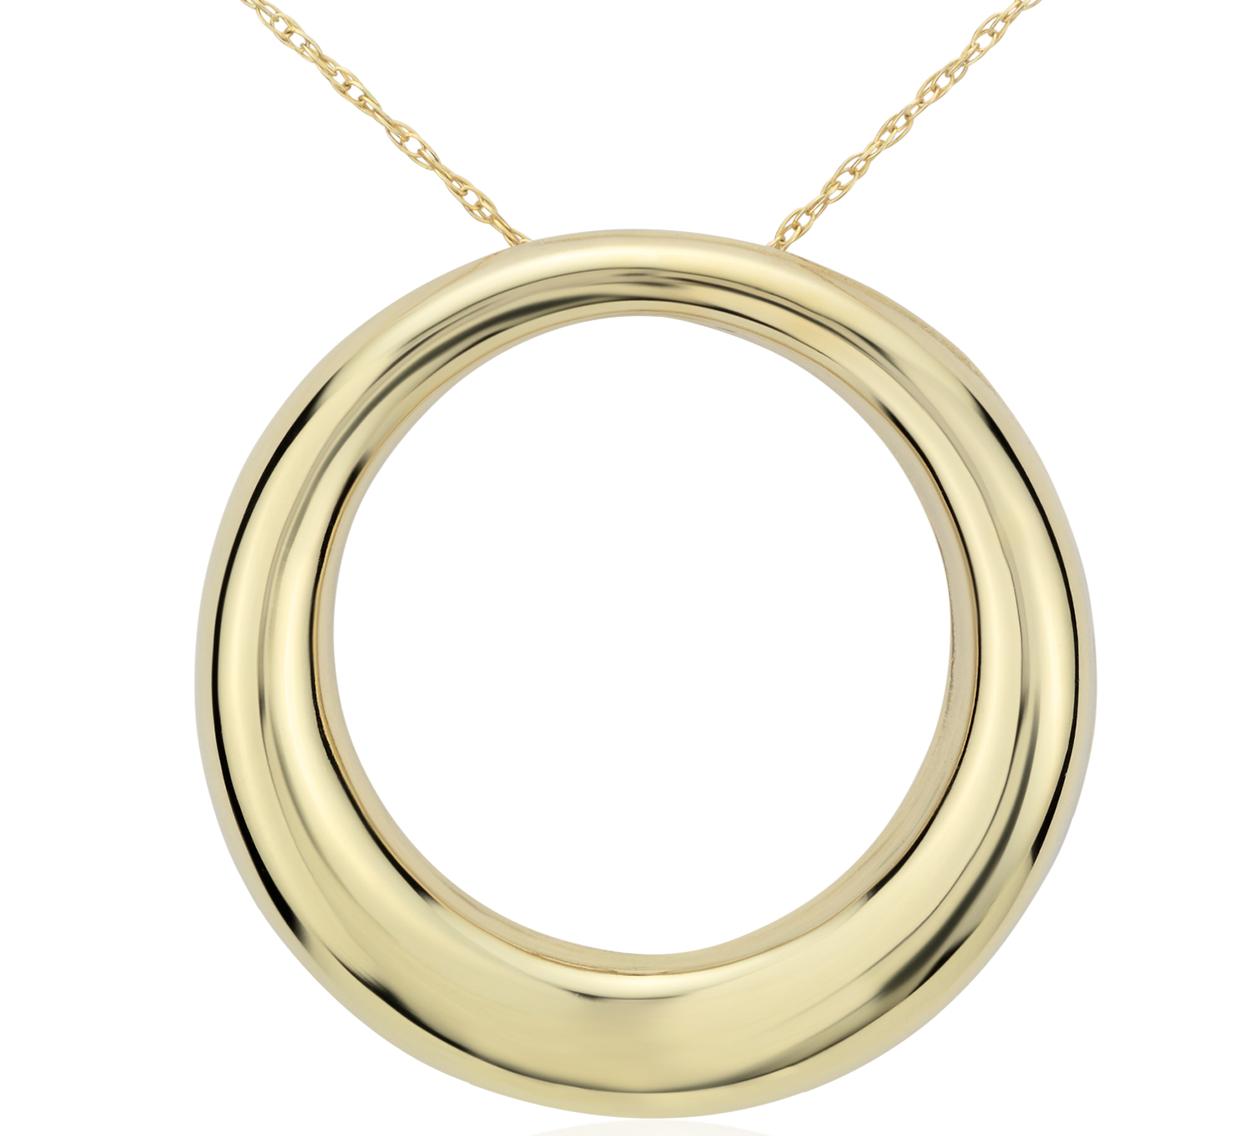 Colgante circular abierto en oro amarillo de 14k